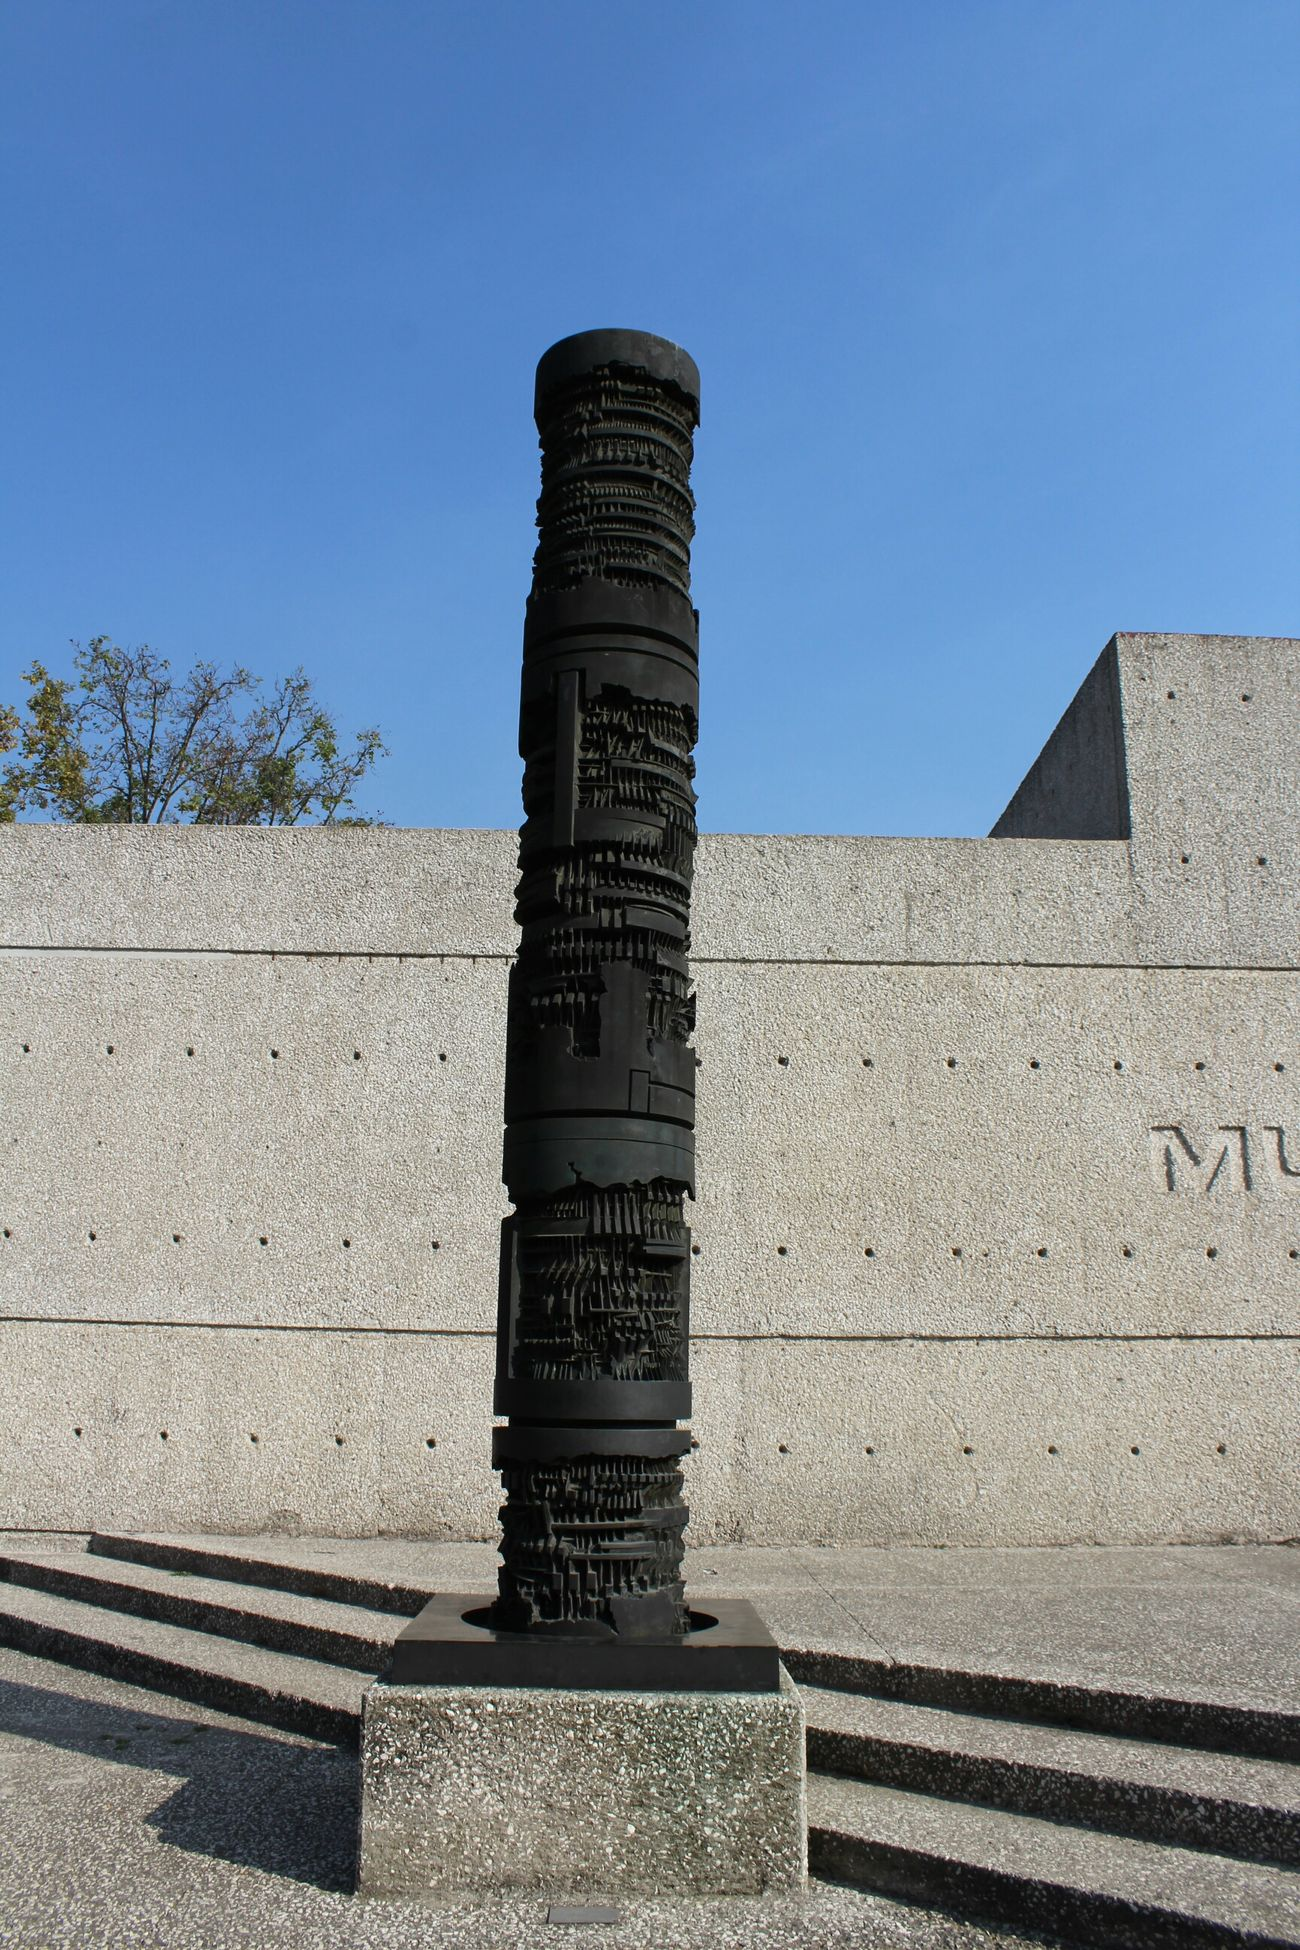 Totem Mexico City Museo Rufino Tamayo Museum Parques De Ciudad Esculturas Y Estatuas Art Arte Totems The Purist (no Edit, No Filter)